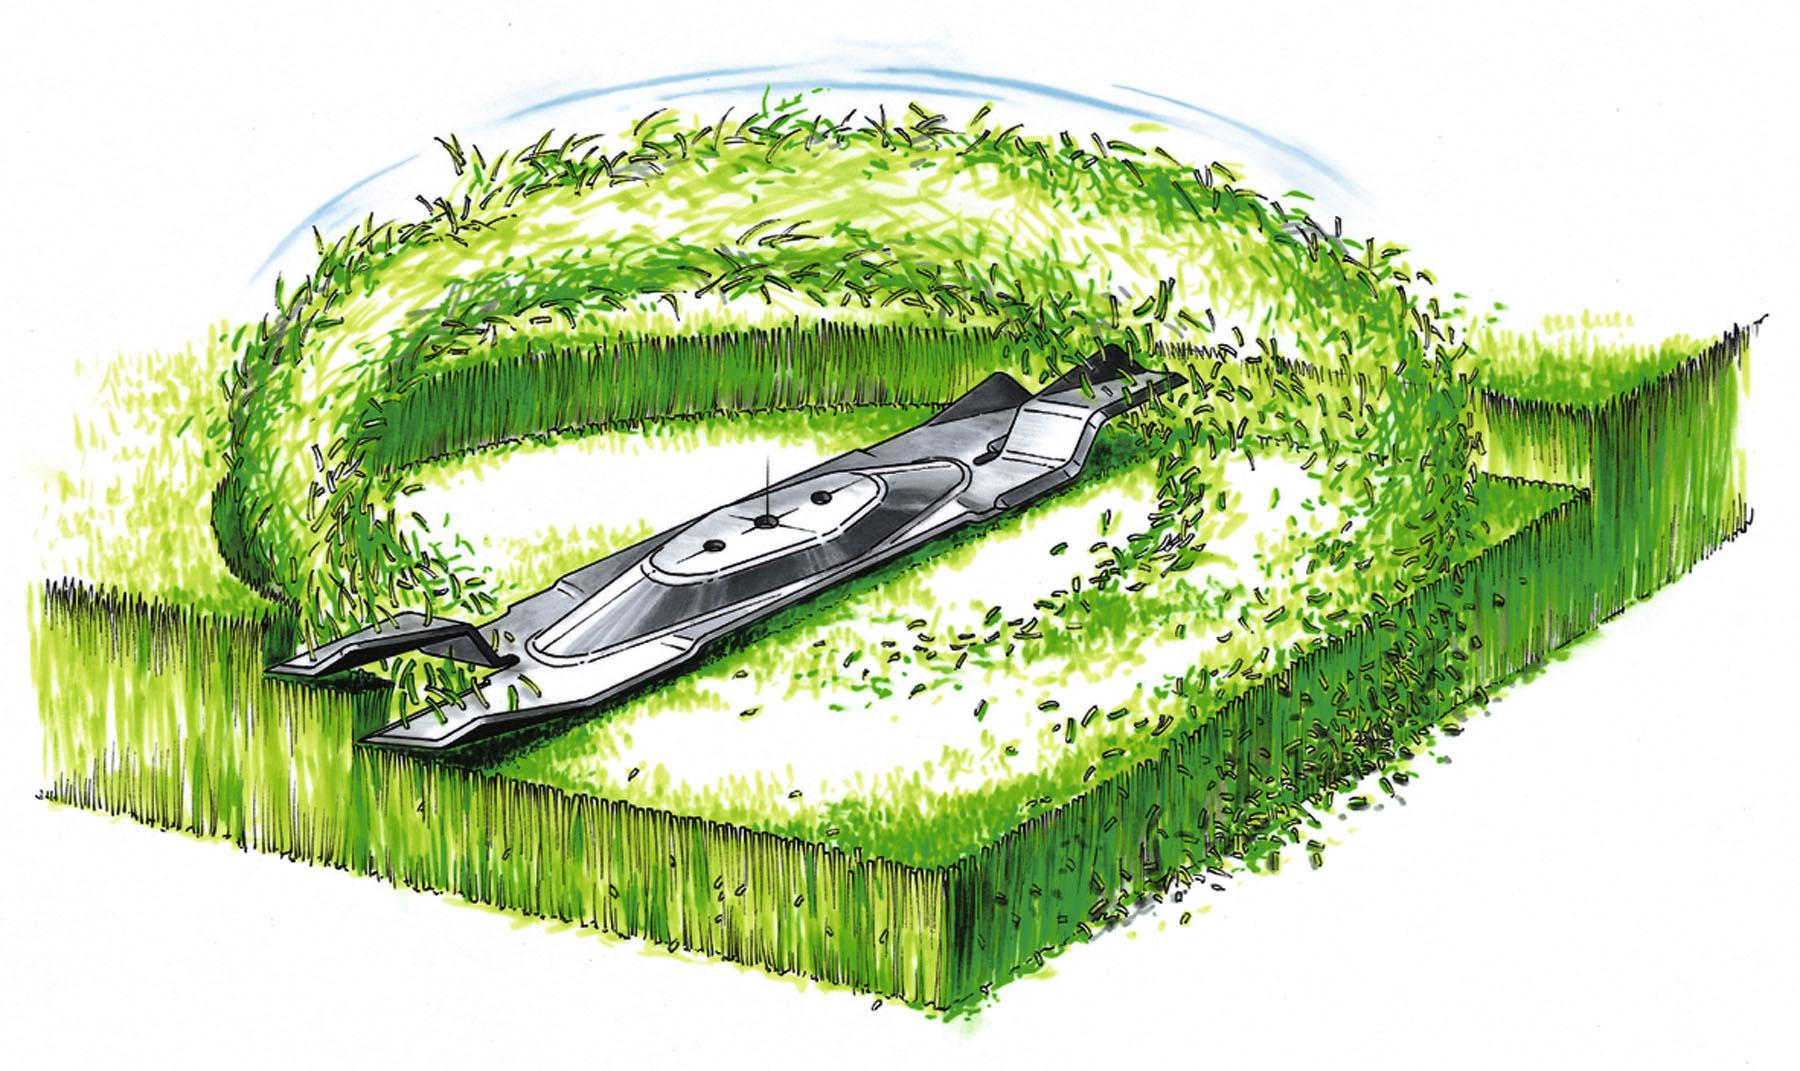 Газонокосилка с мульчированием: бензиновые, мульчирование газона, что это такое, электрическая, самоходная